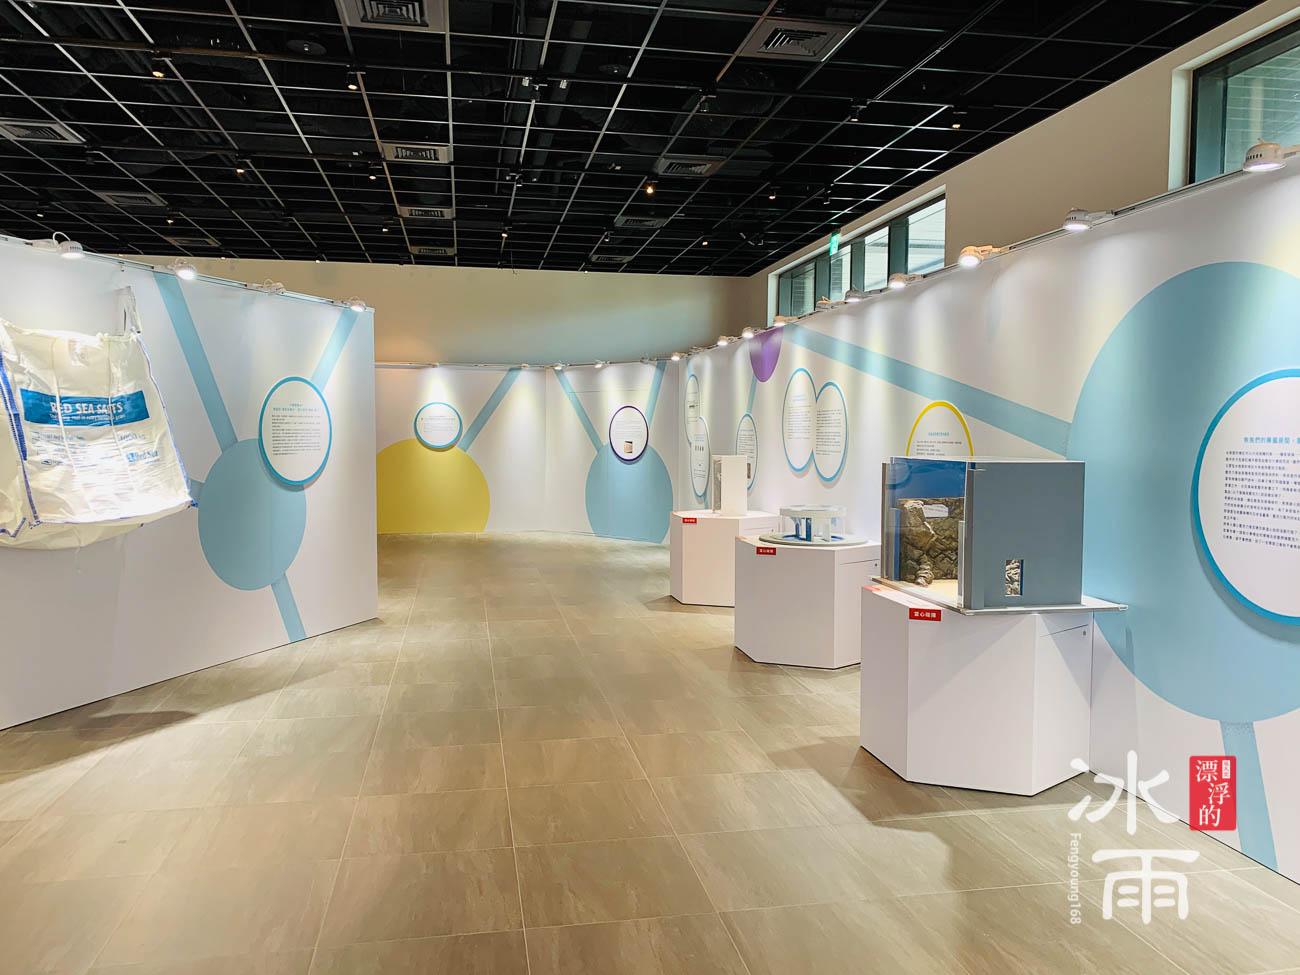 Xpark概念館|現場環境照